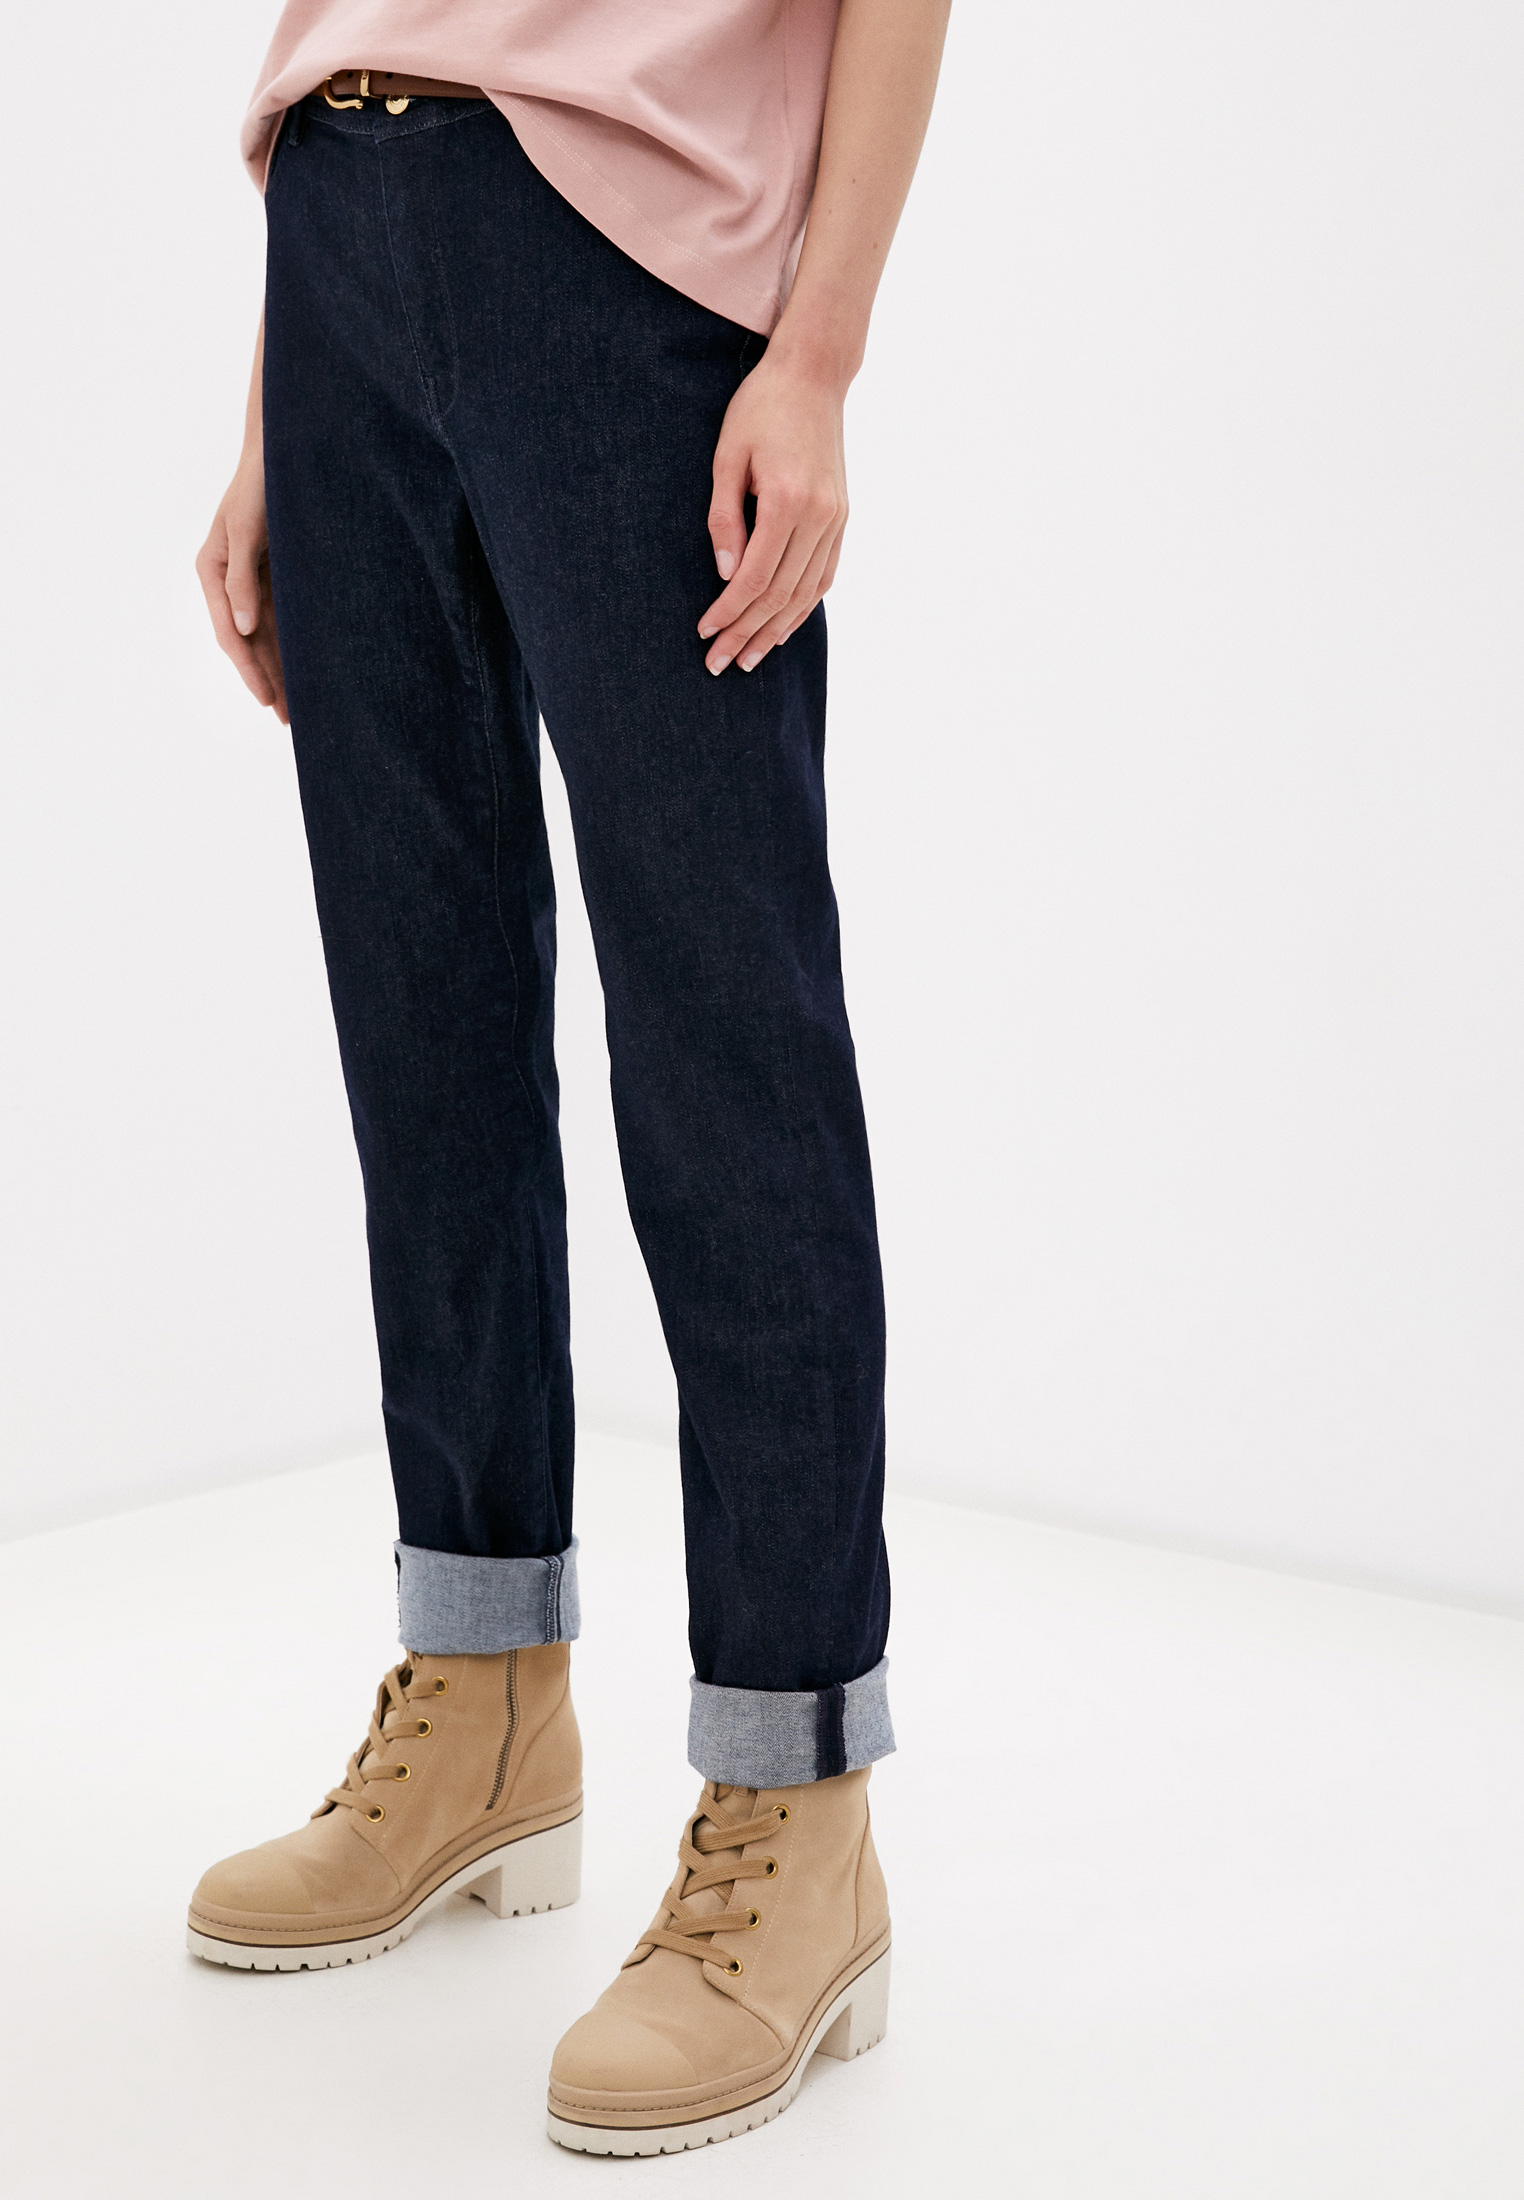 Зауженные джинсы Trussardi (Труссарди) 56J00005-1T004366-A-003